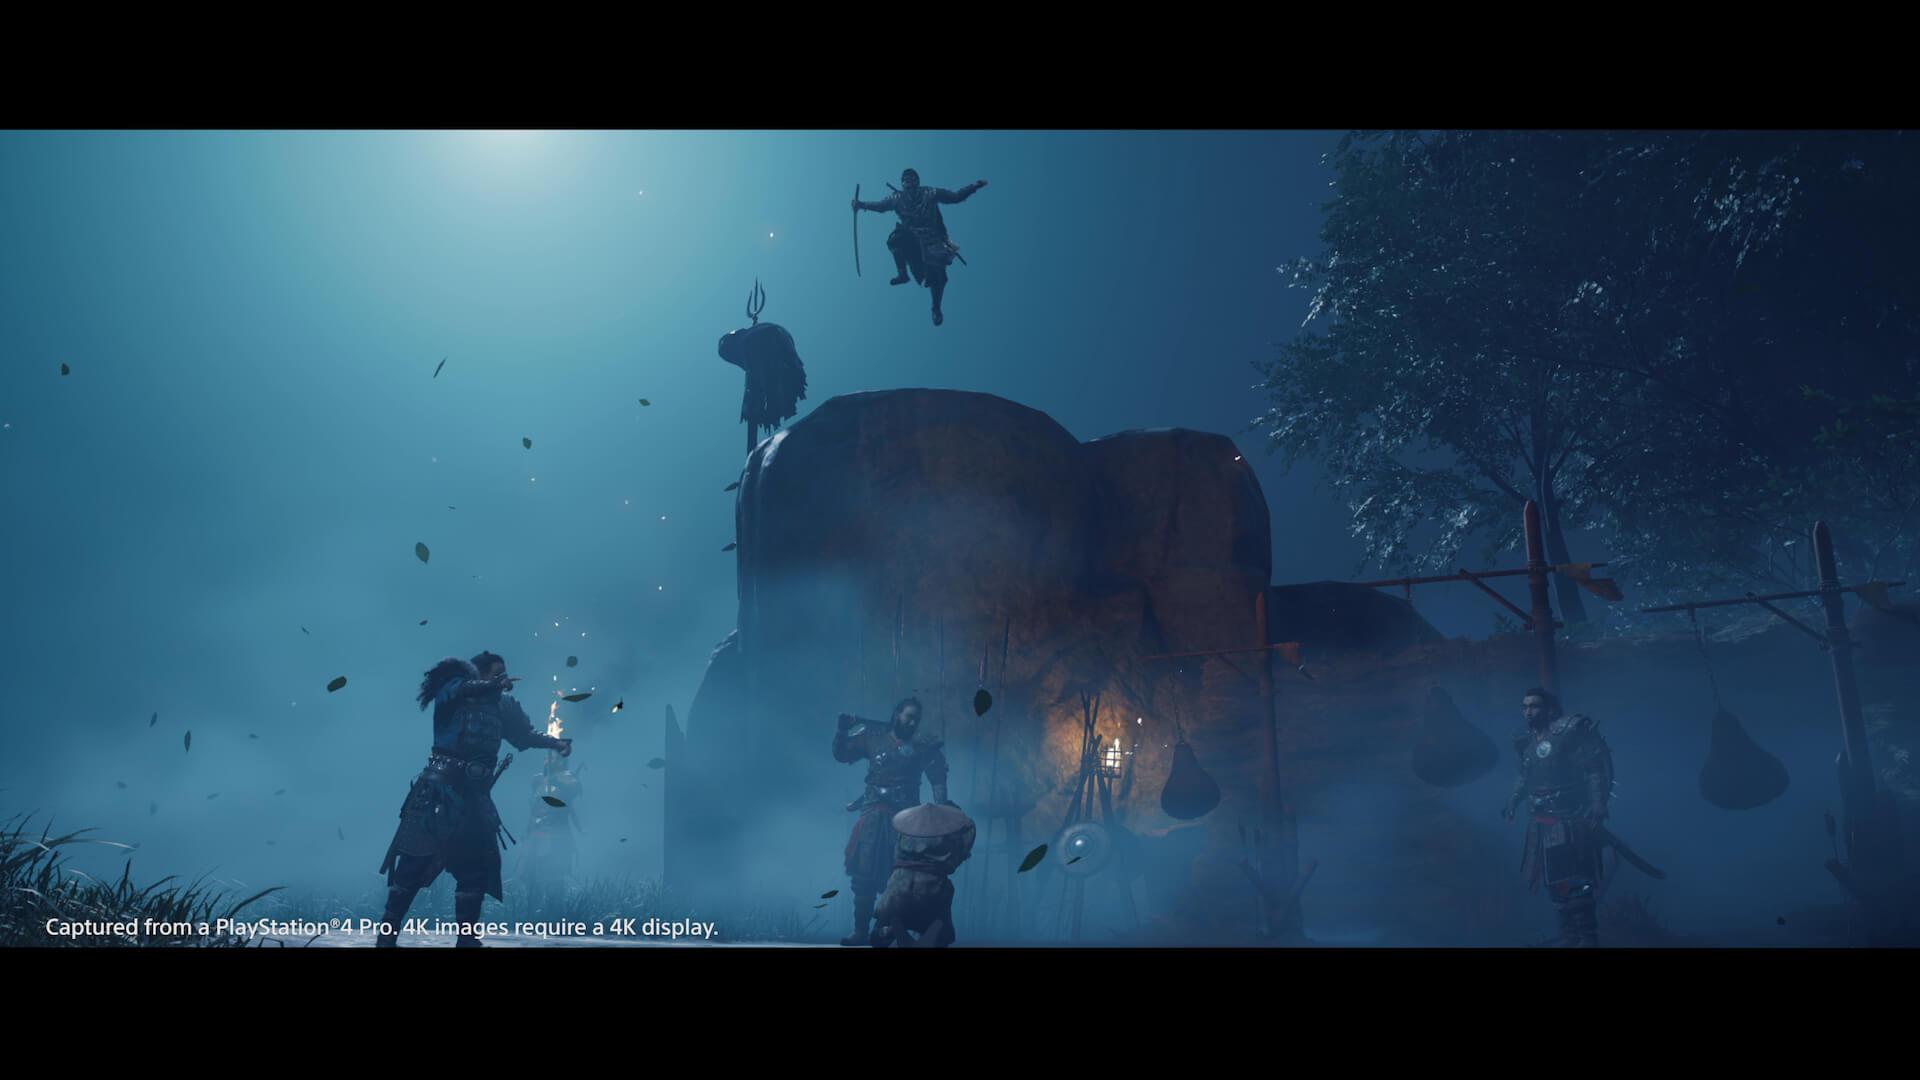 新感覚のオープンワールド時代劇を体感せよ!PS4専用ソフト『Ghost of Tsushima』がついに本日発売 tech200717_ghostoftsushima_16